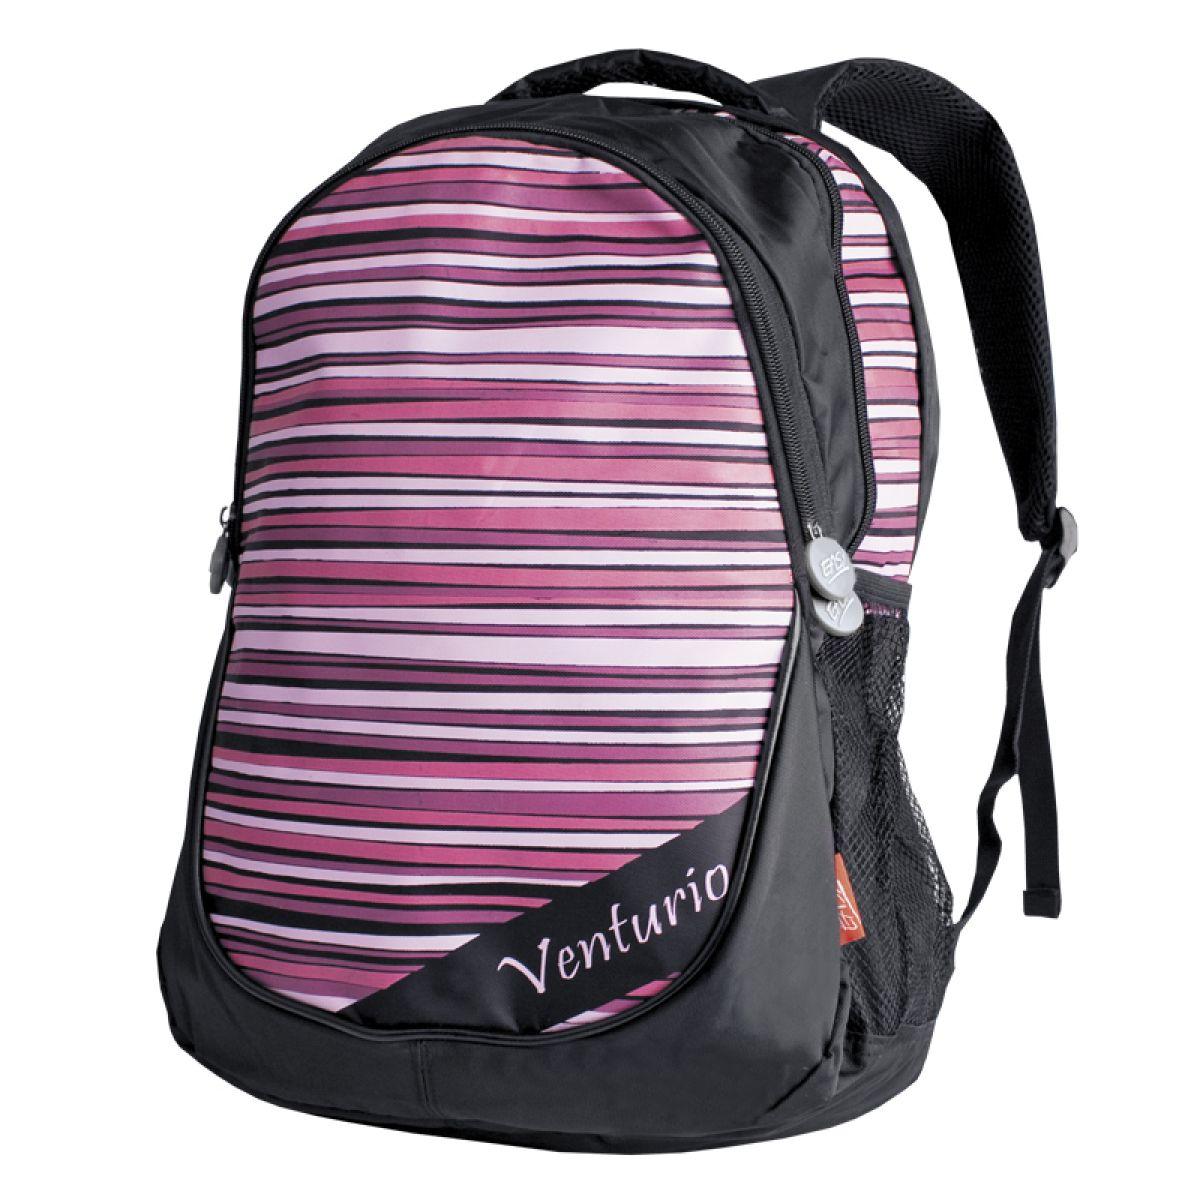 Batoh školní volný čas růžovo-černý